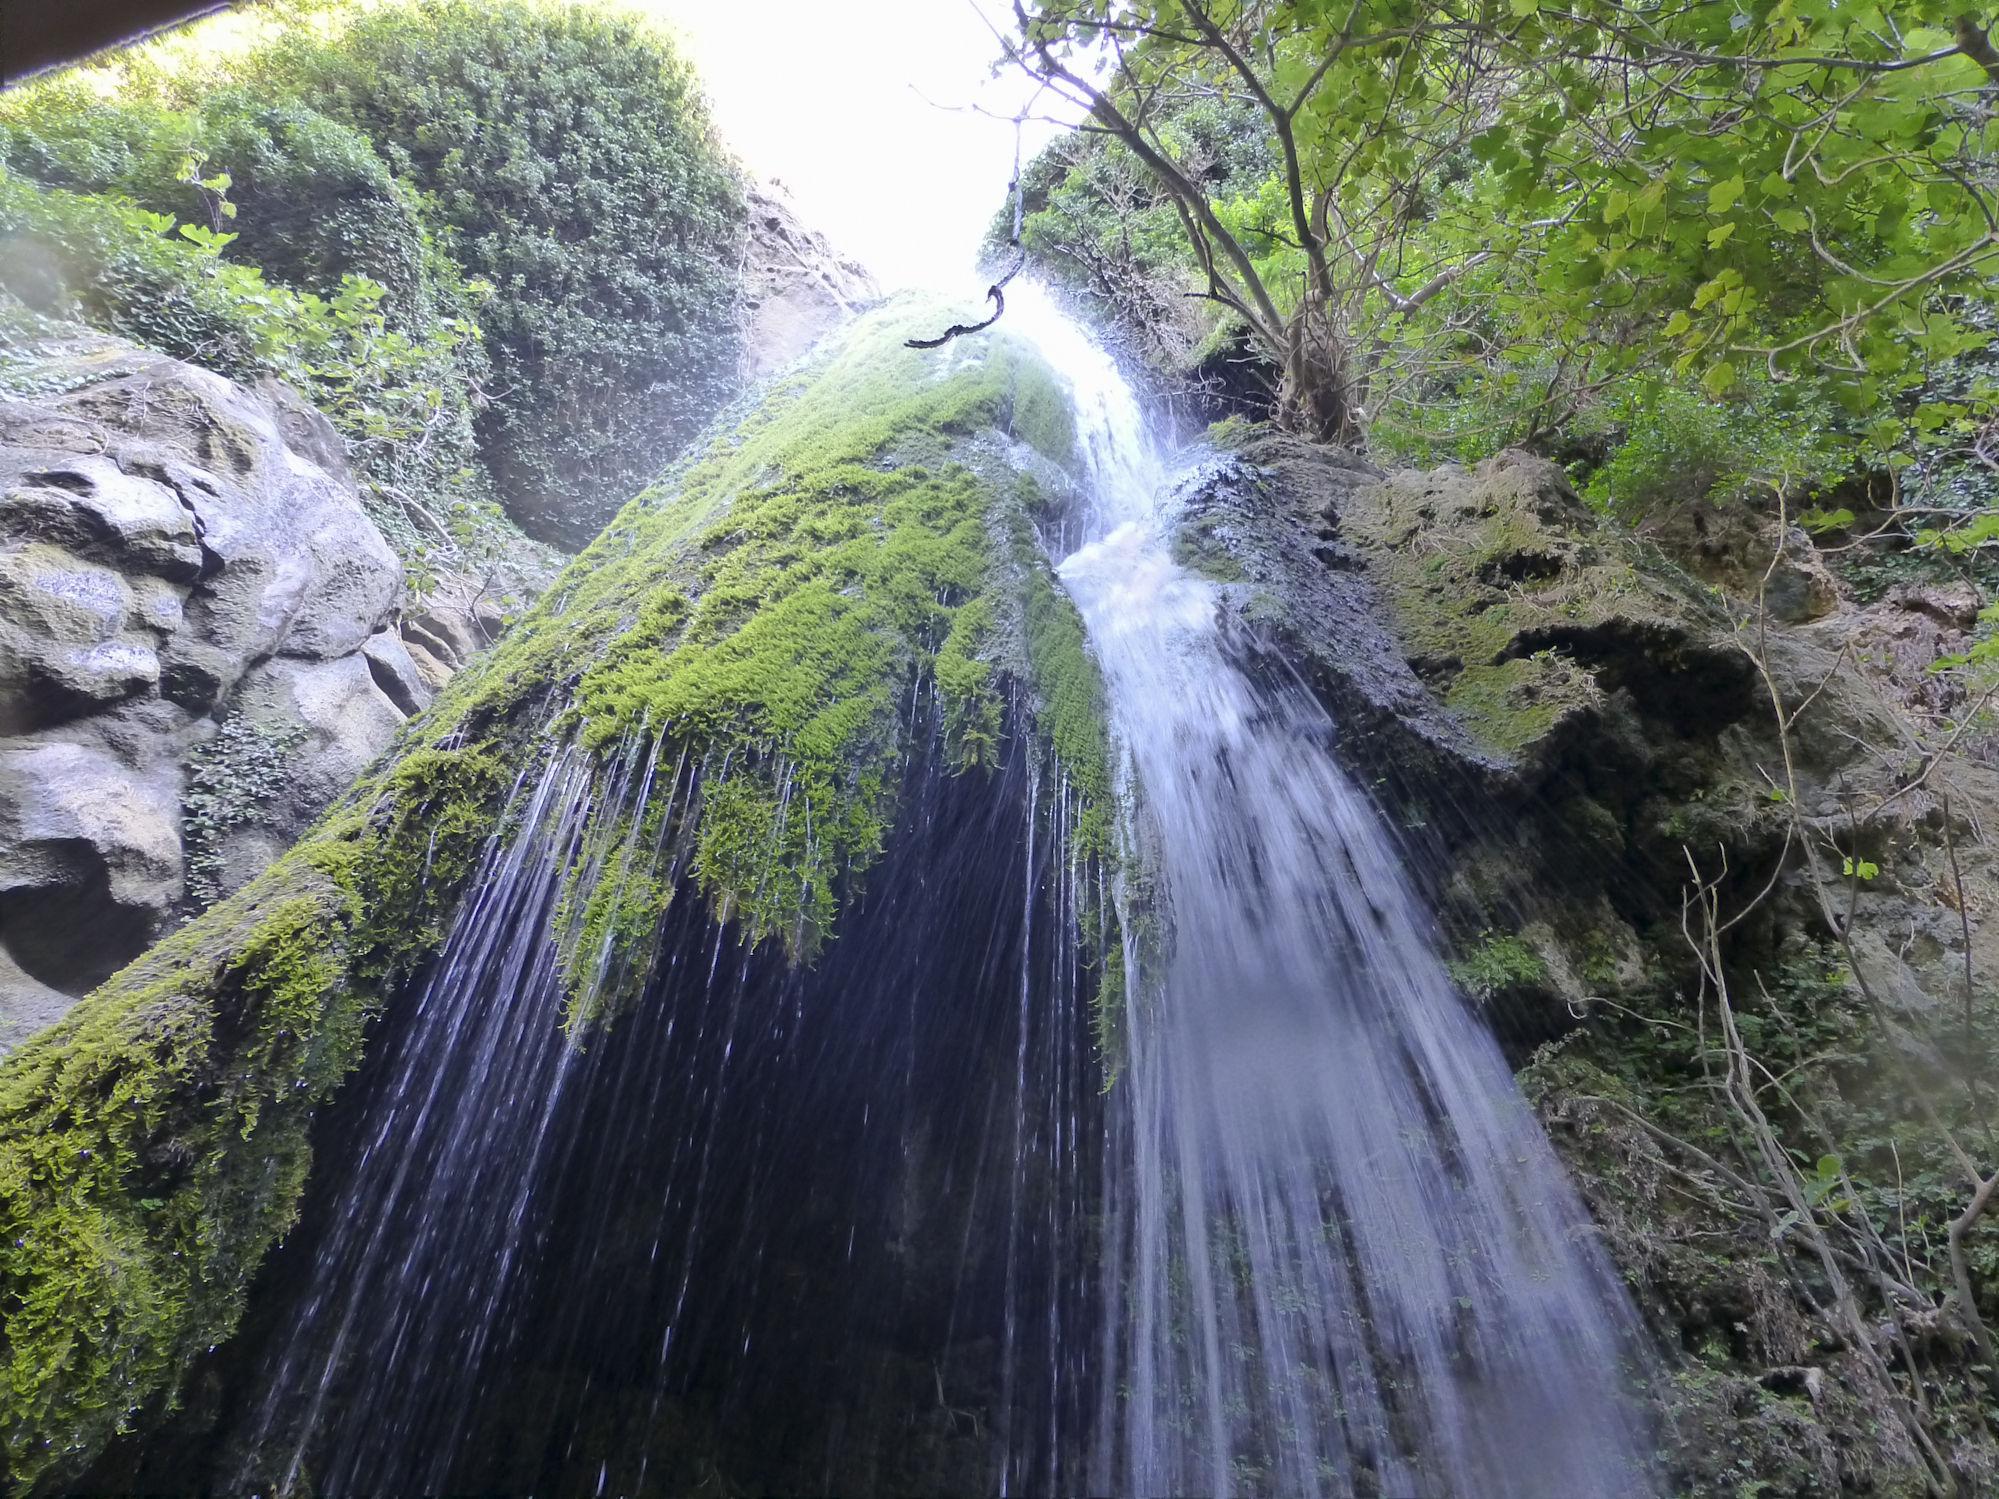 Richtis gorge in Crete